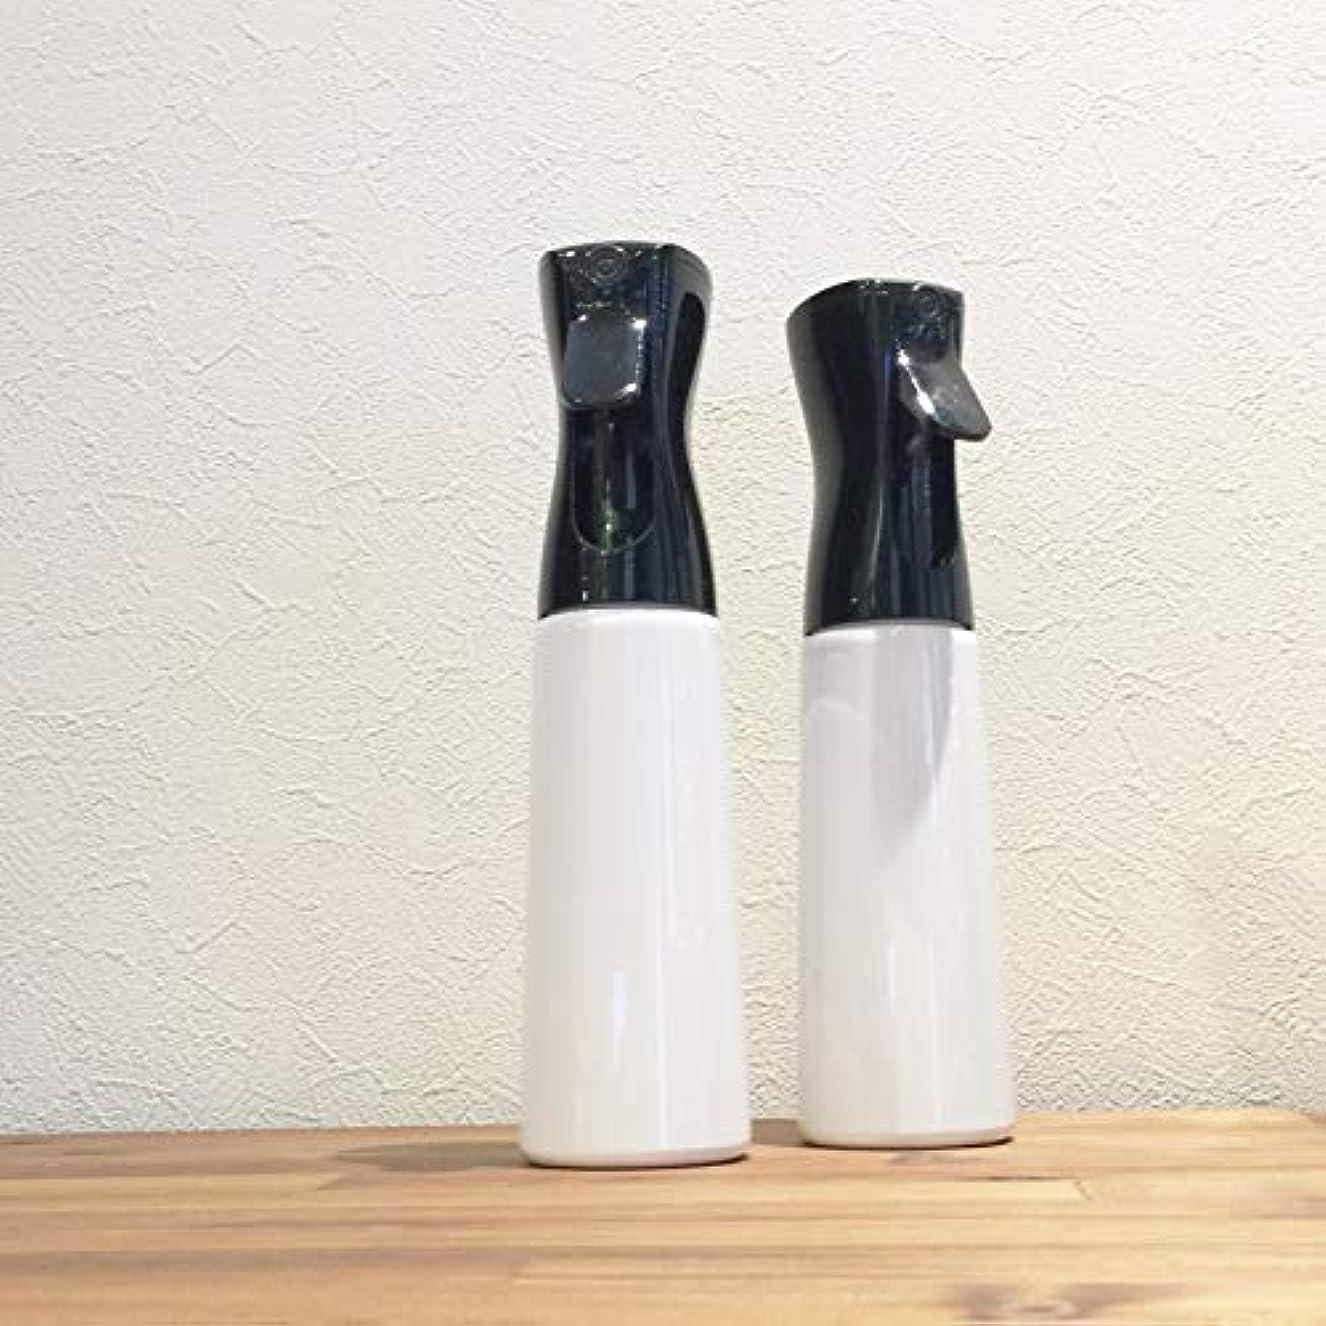 筋暗殺なんとなく<2個セット>FLAIROSOL(黒×白)タイプ 350ml (2本セット売り)